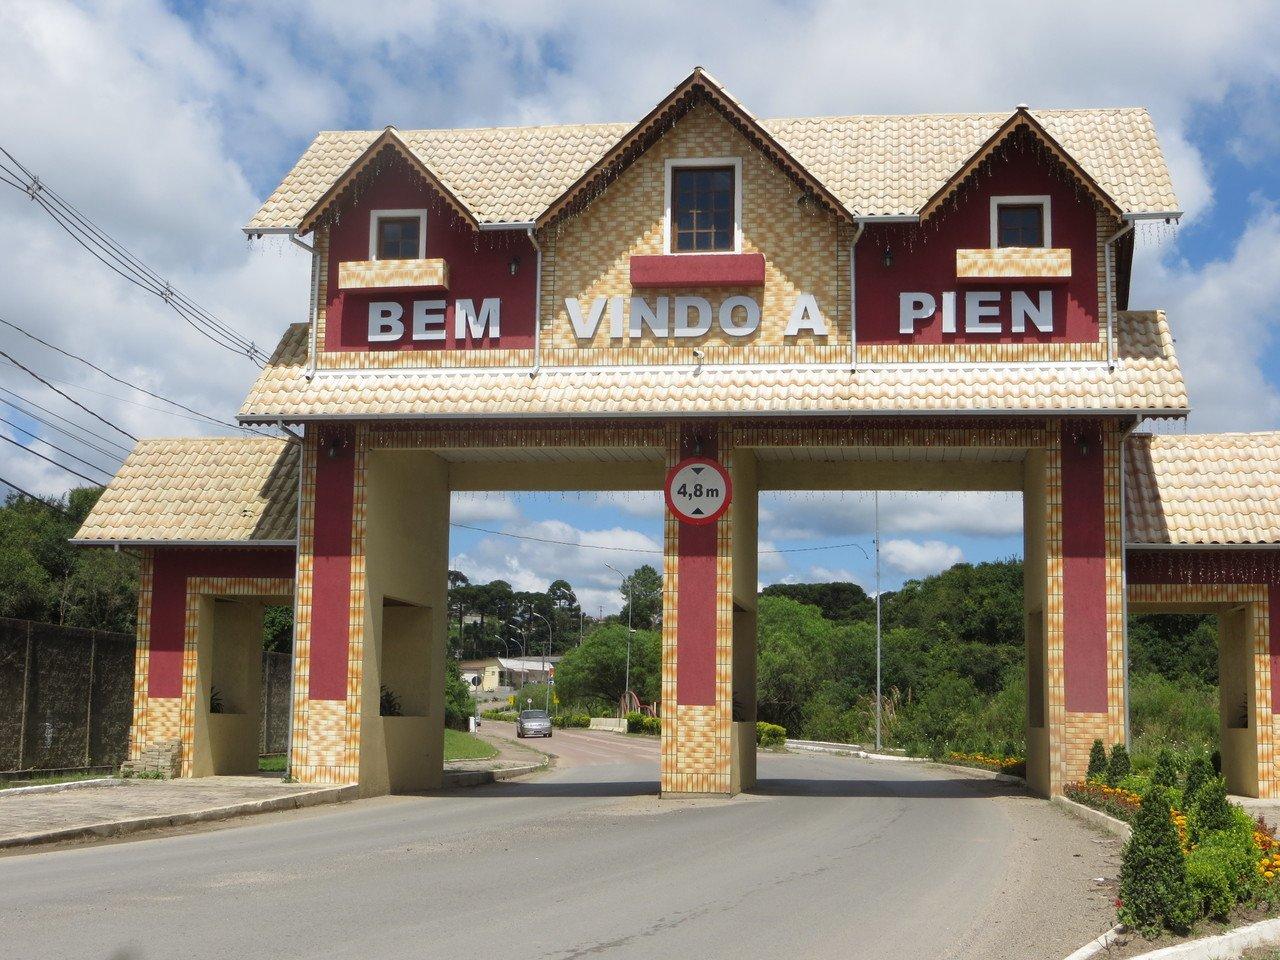 Portal de entrada na cidade de Piên, no Paraná